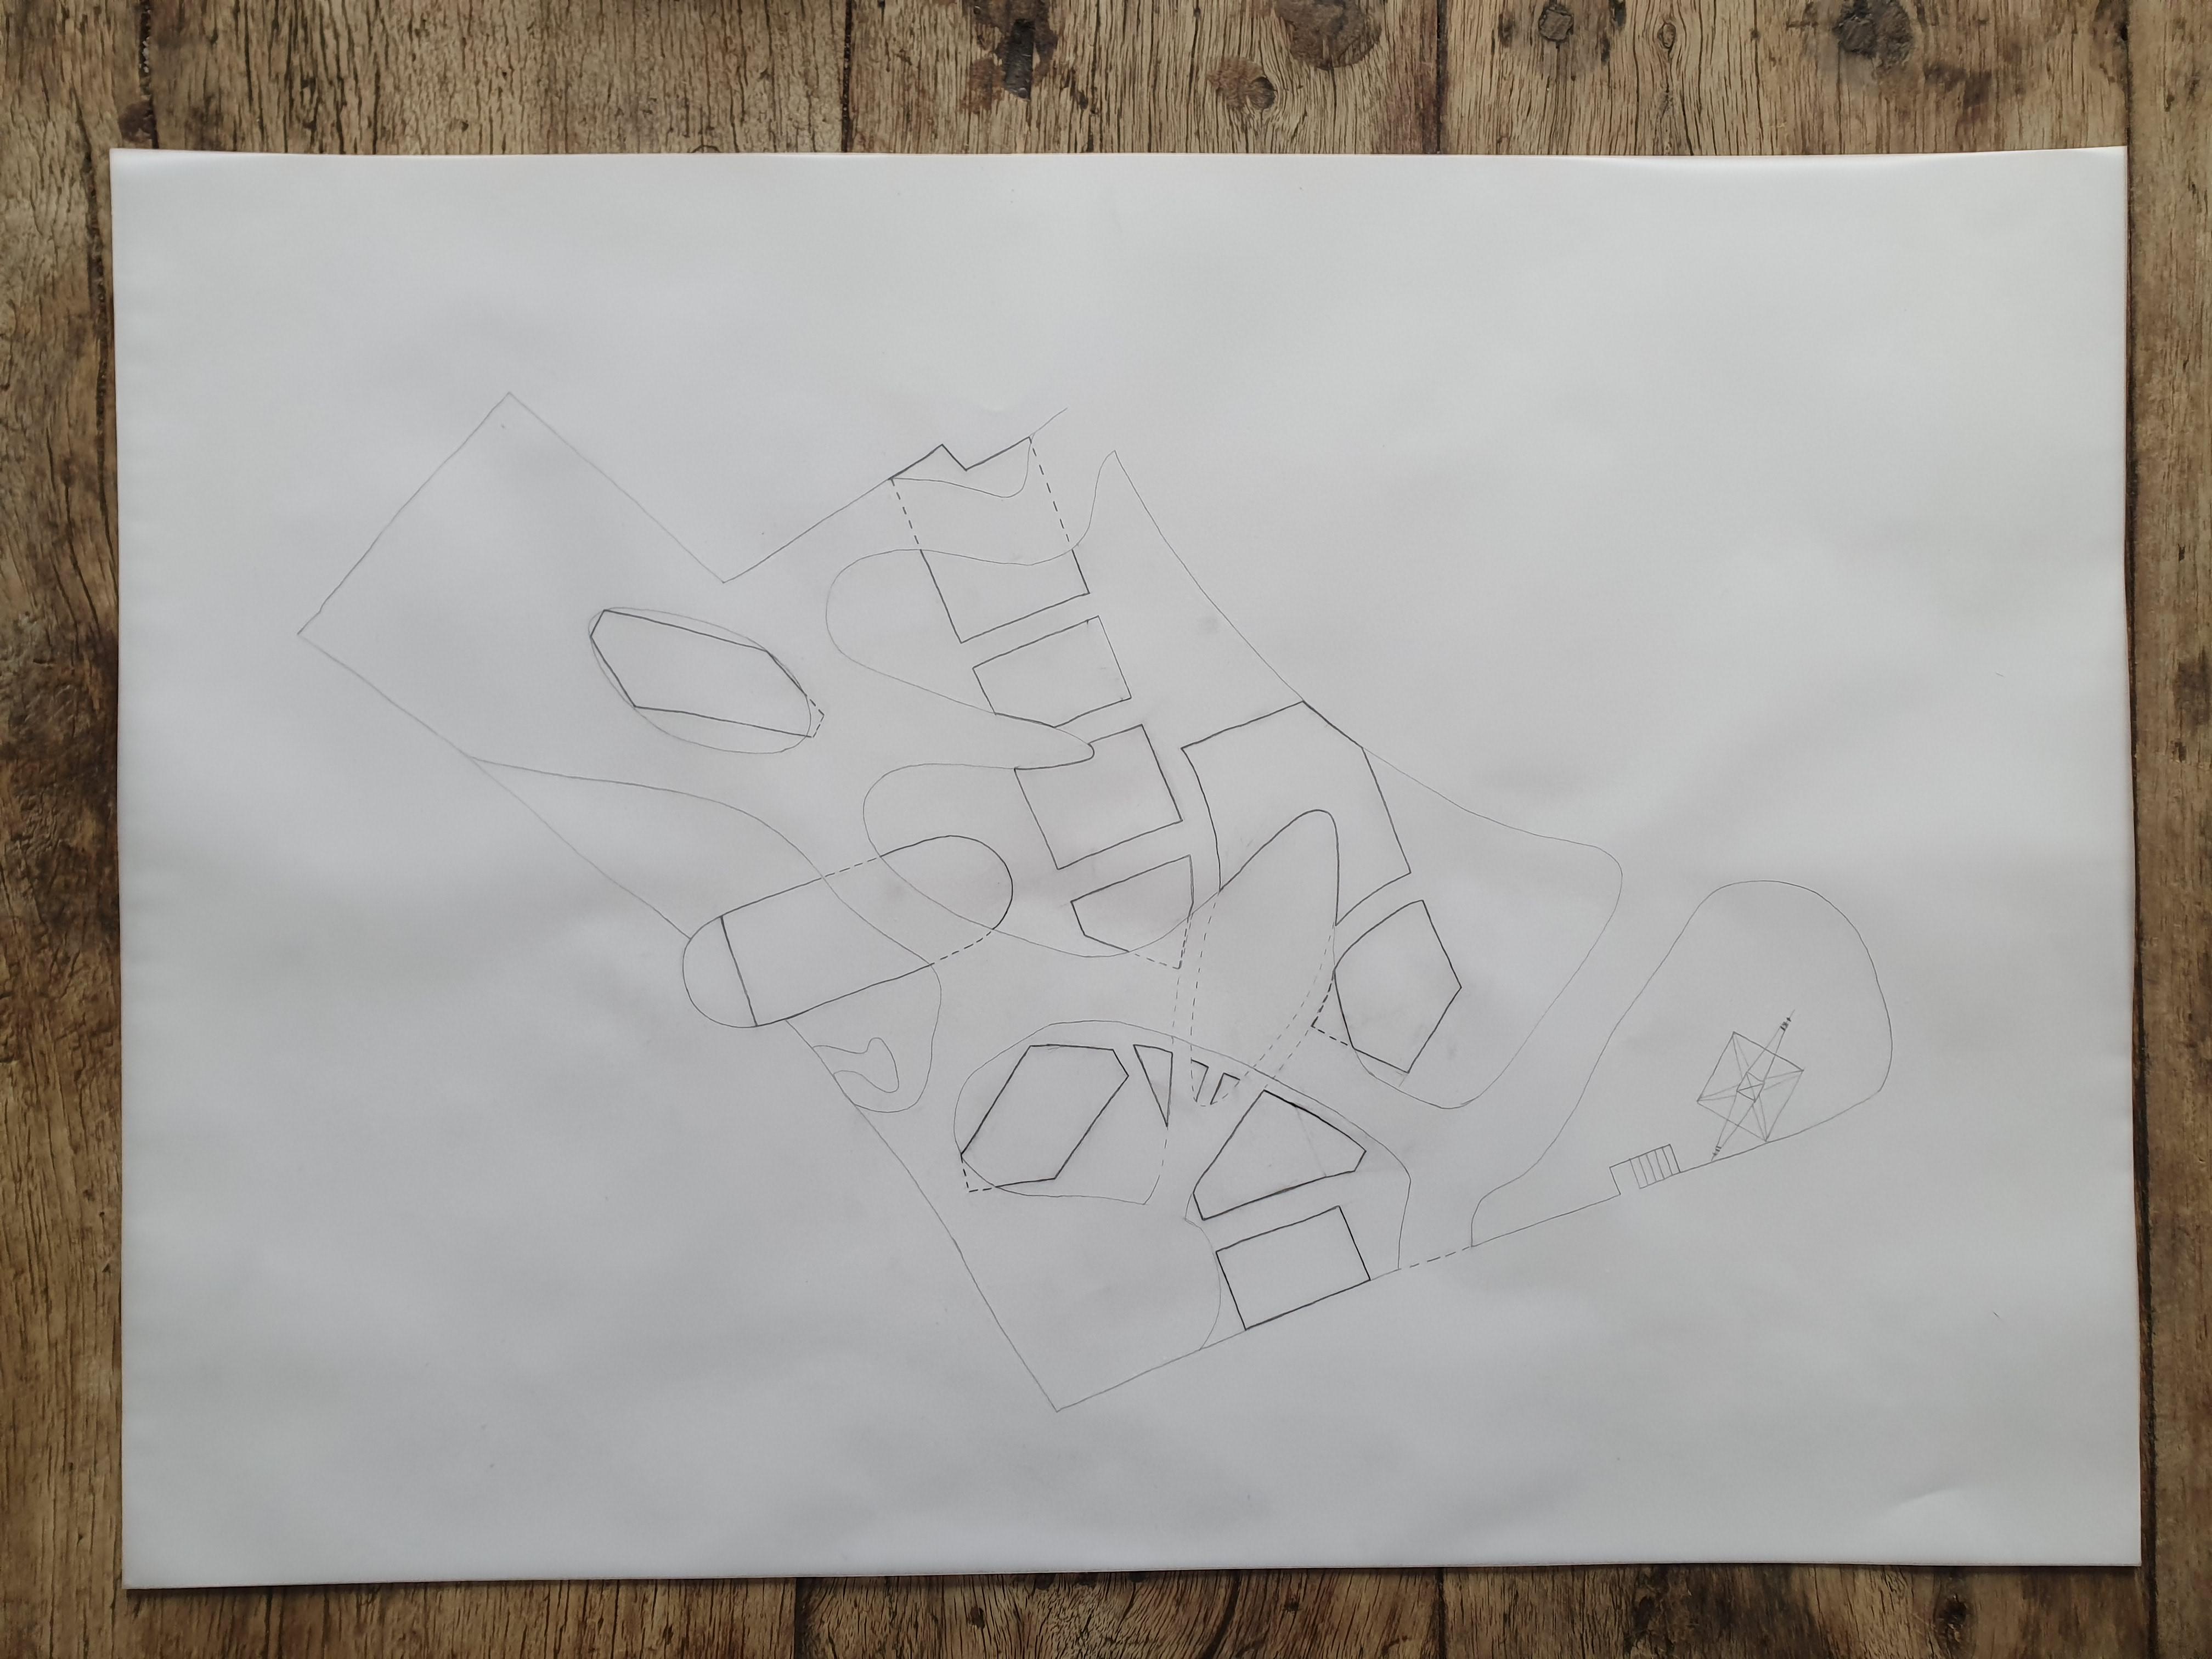 Masterplan Sketching